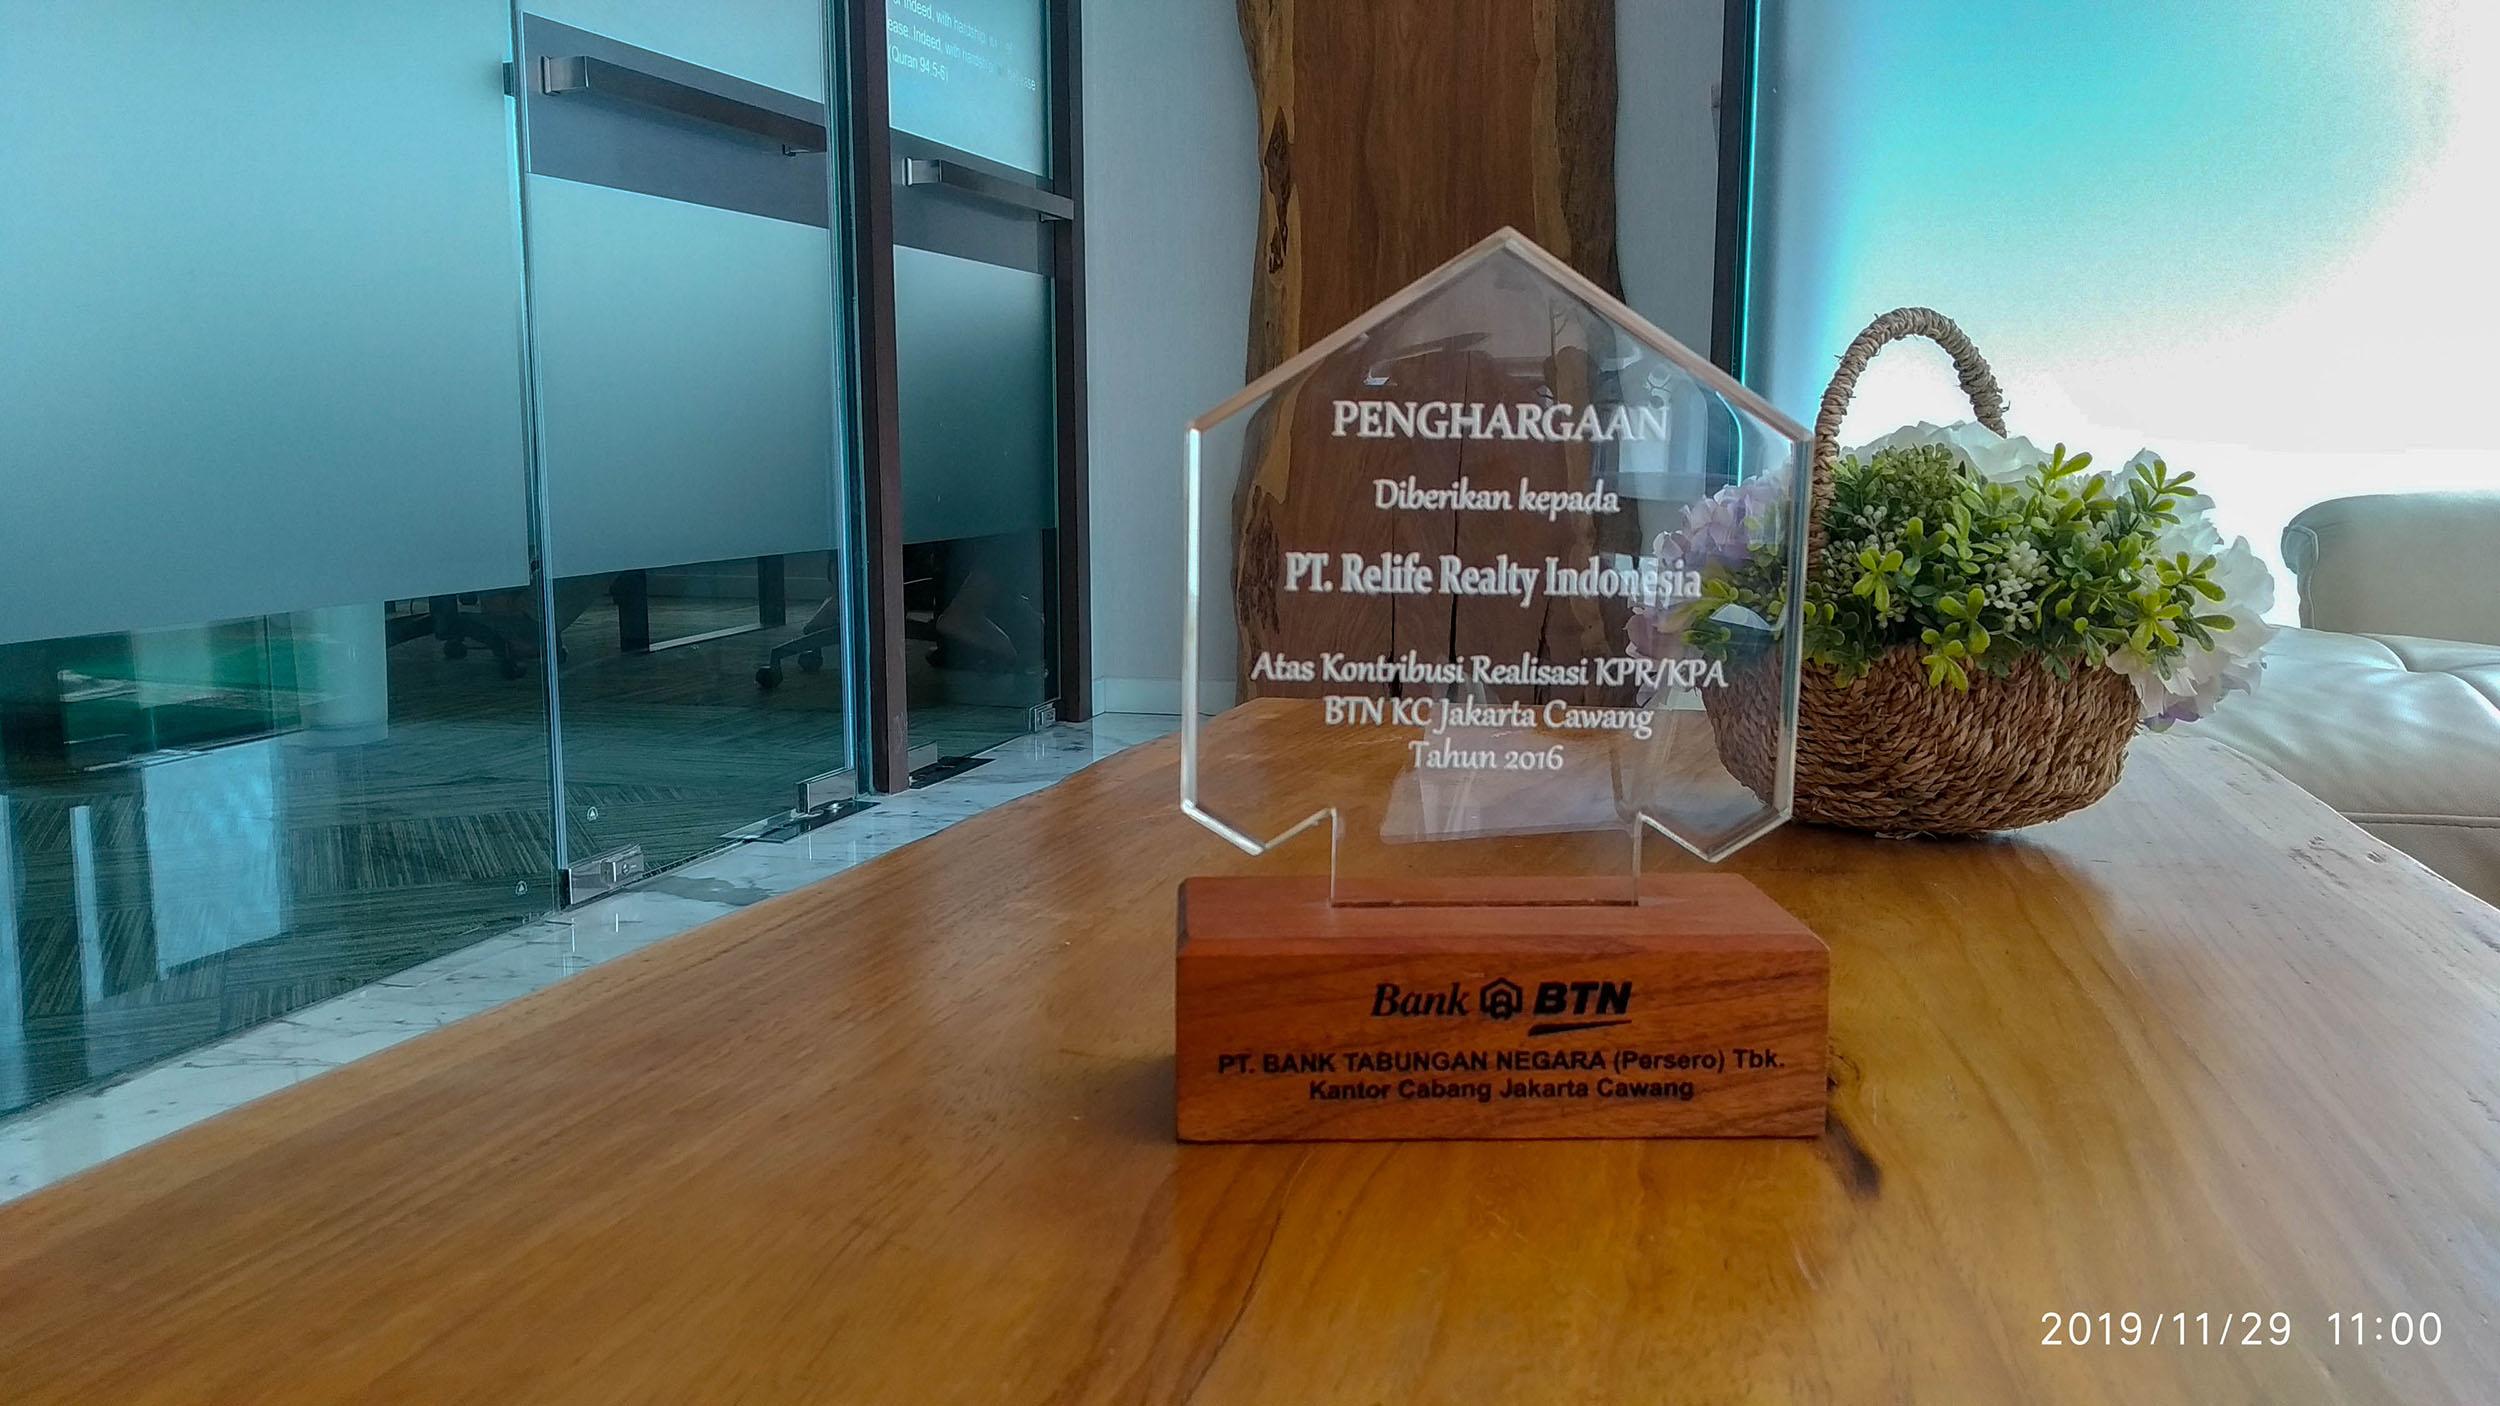 BTN Award